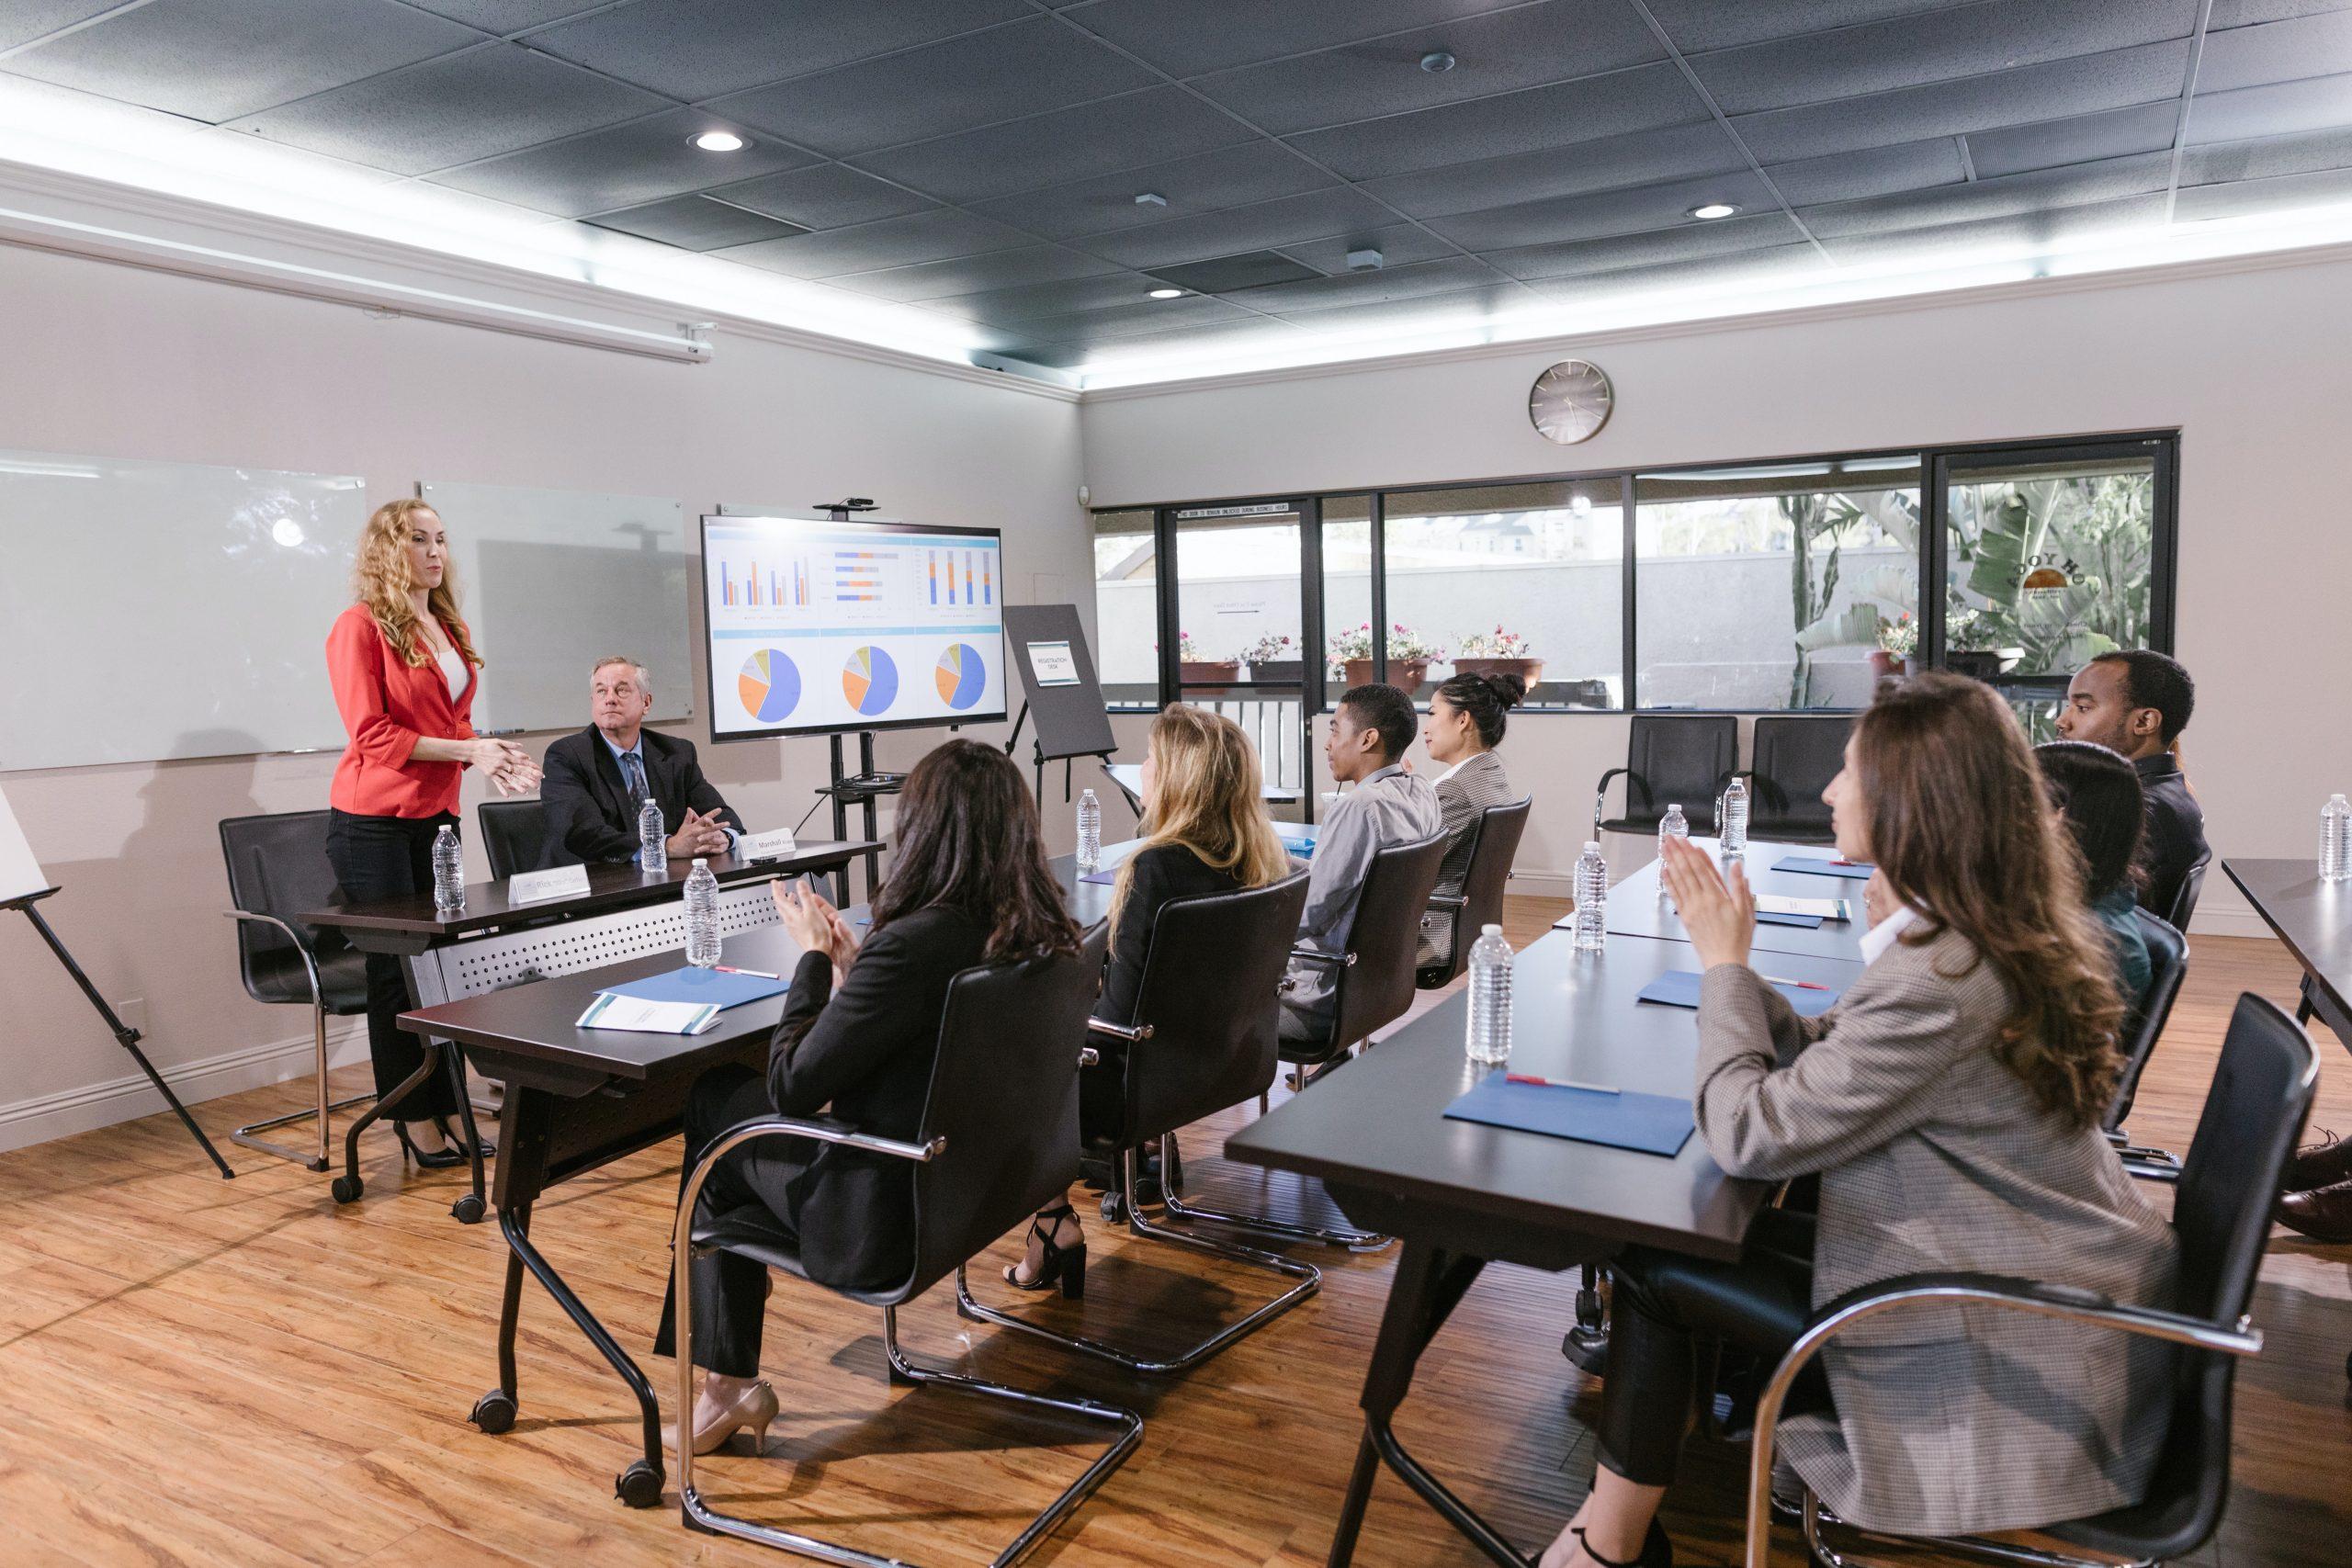 Espacios que fortalecen la comunidad empresarial